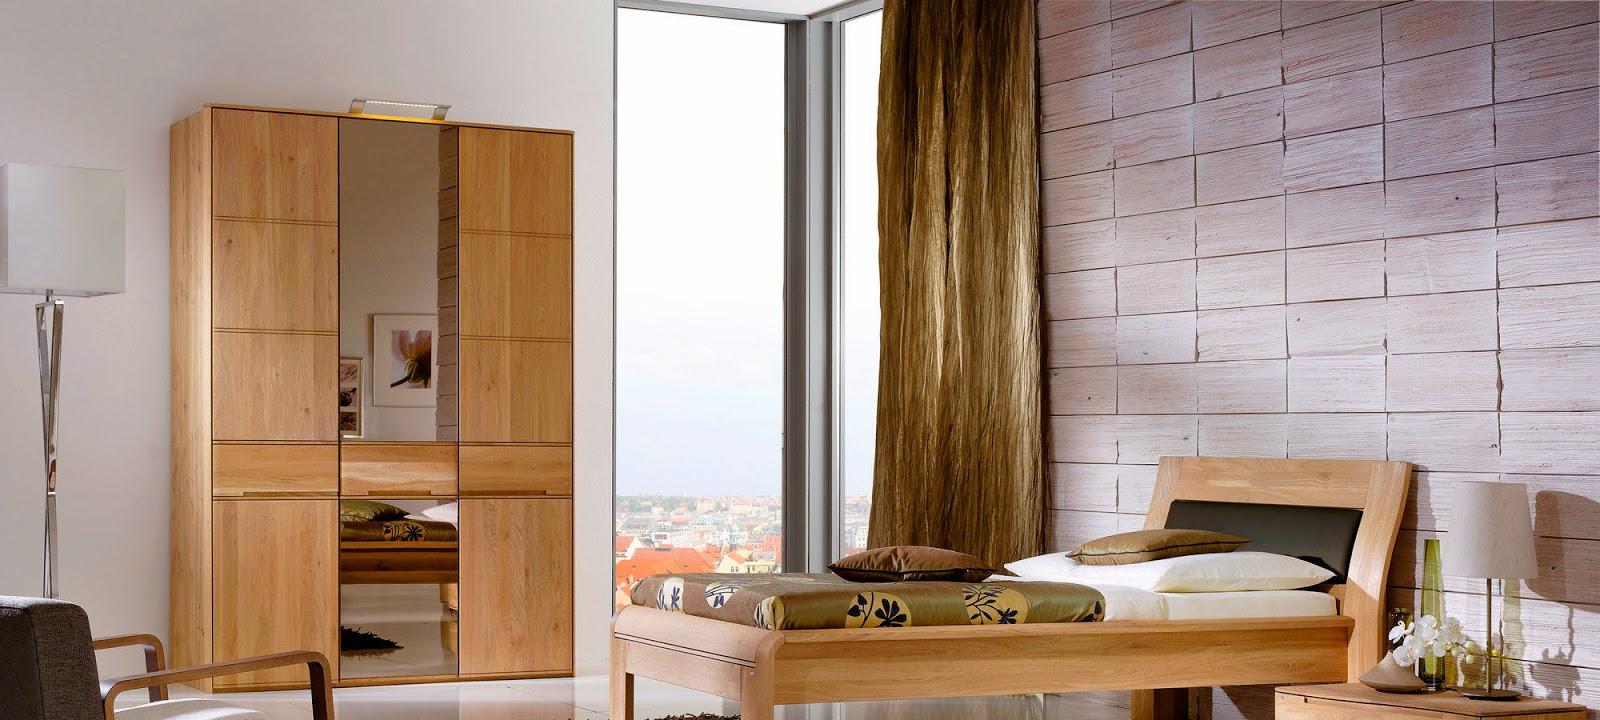 Бежевая мебель из бука в спальне